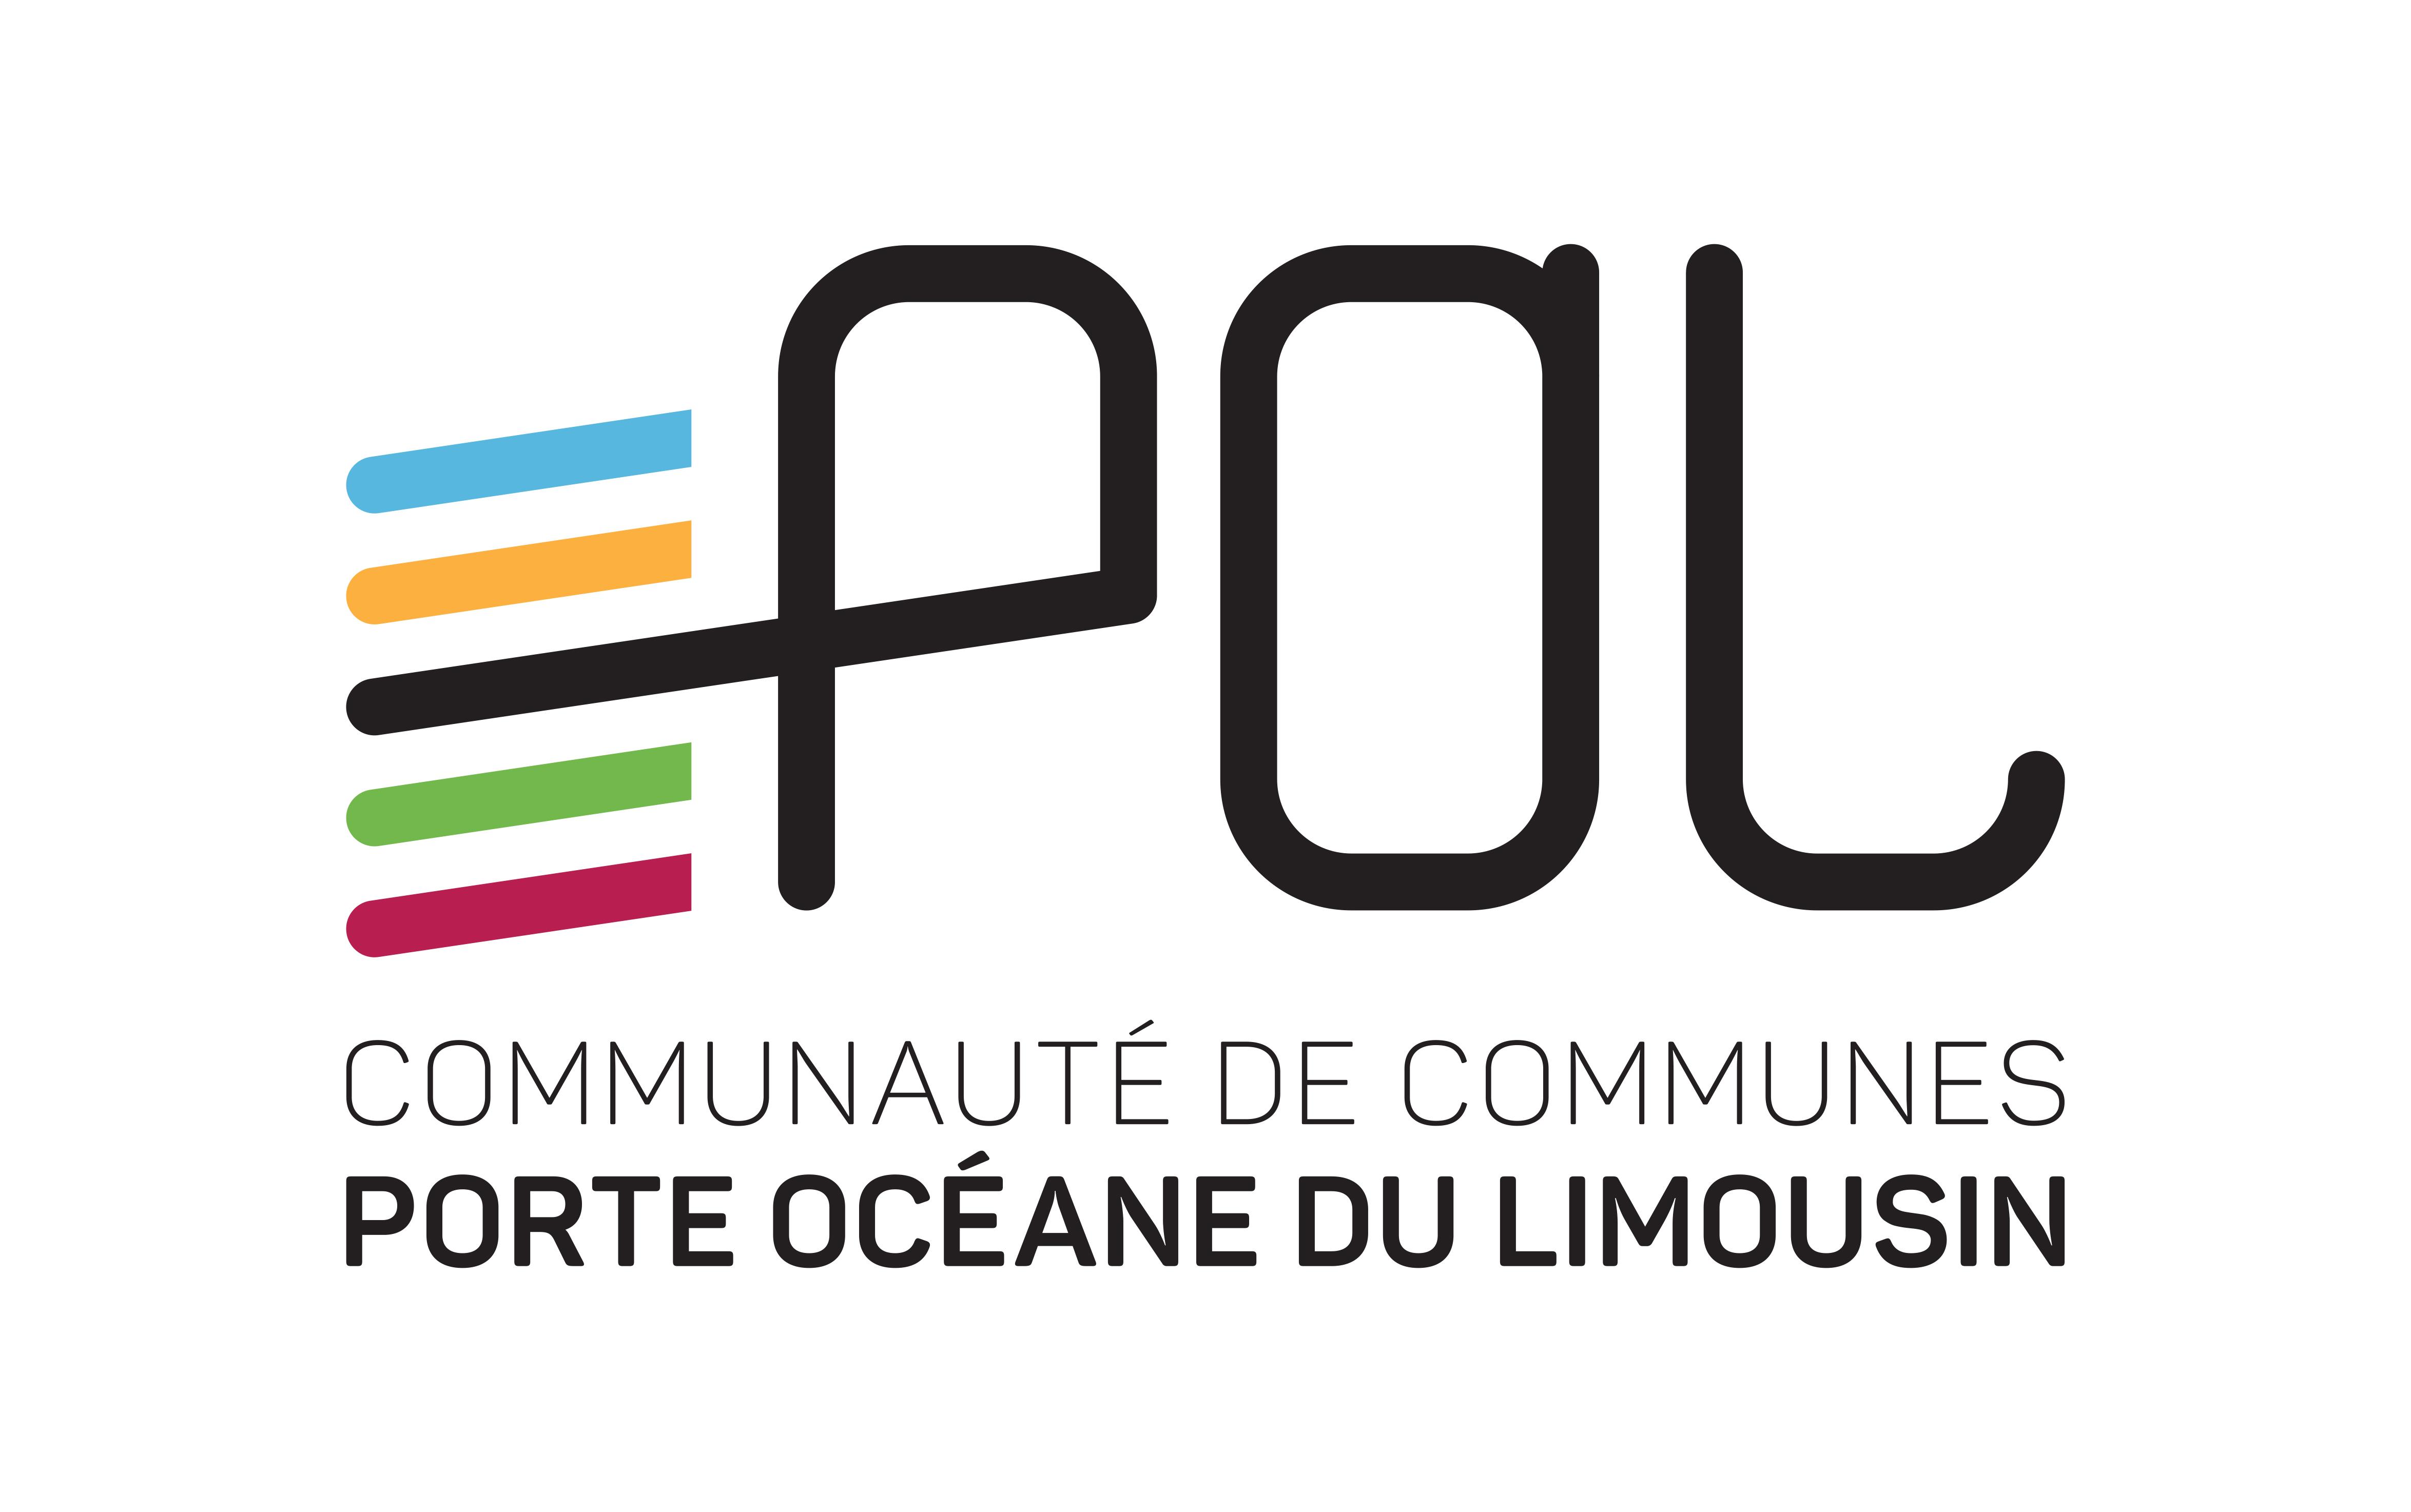 CC Porte Océane du Limousin